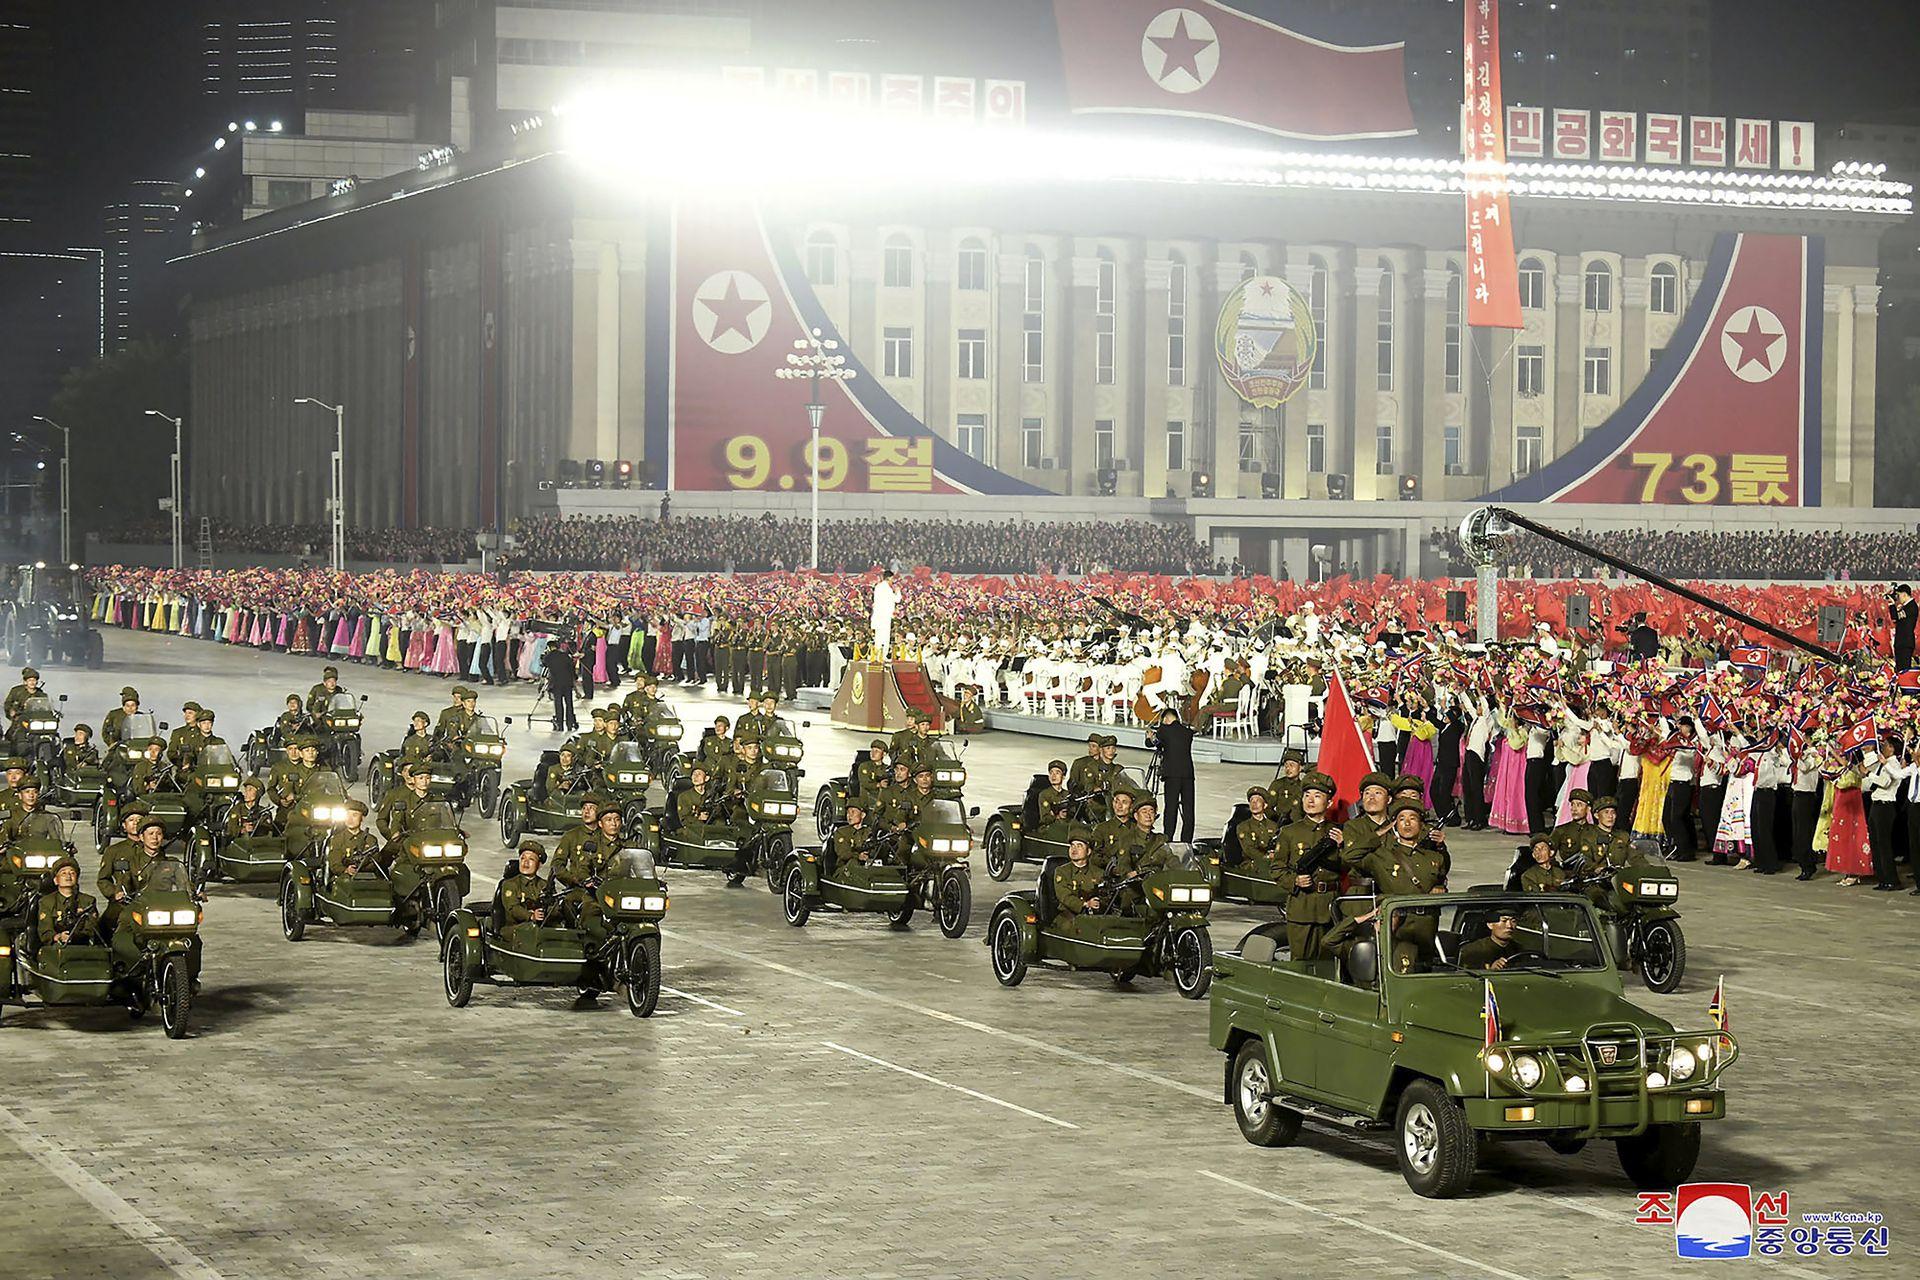 Se exhibieron algunas armas convencionales, incluidos varios lanzacohetes y tractores con misiles antitanque.